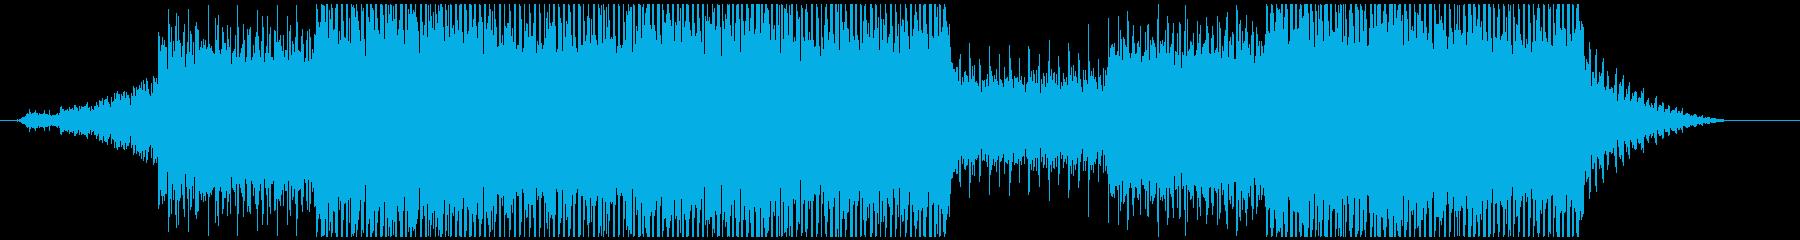 入眠していく様子を描いたIDMの再生済みの波形